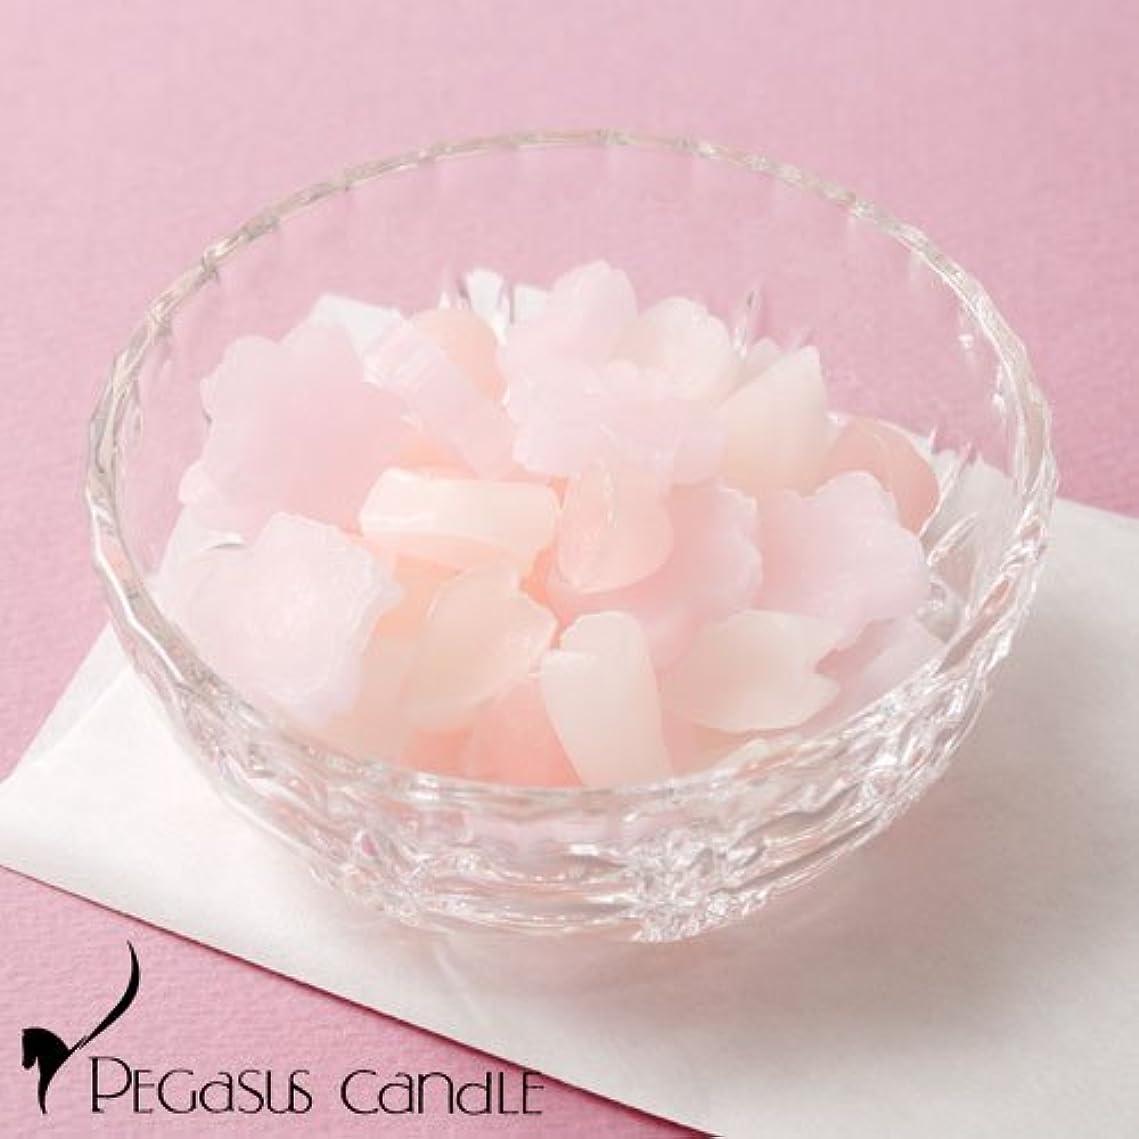 許さないクレデンシャル梨さくらのかおりガラス器付きの桜の芳香剤ペガサスキャンドルSakura fragrance